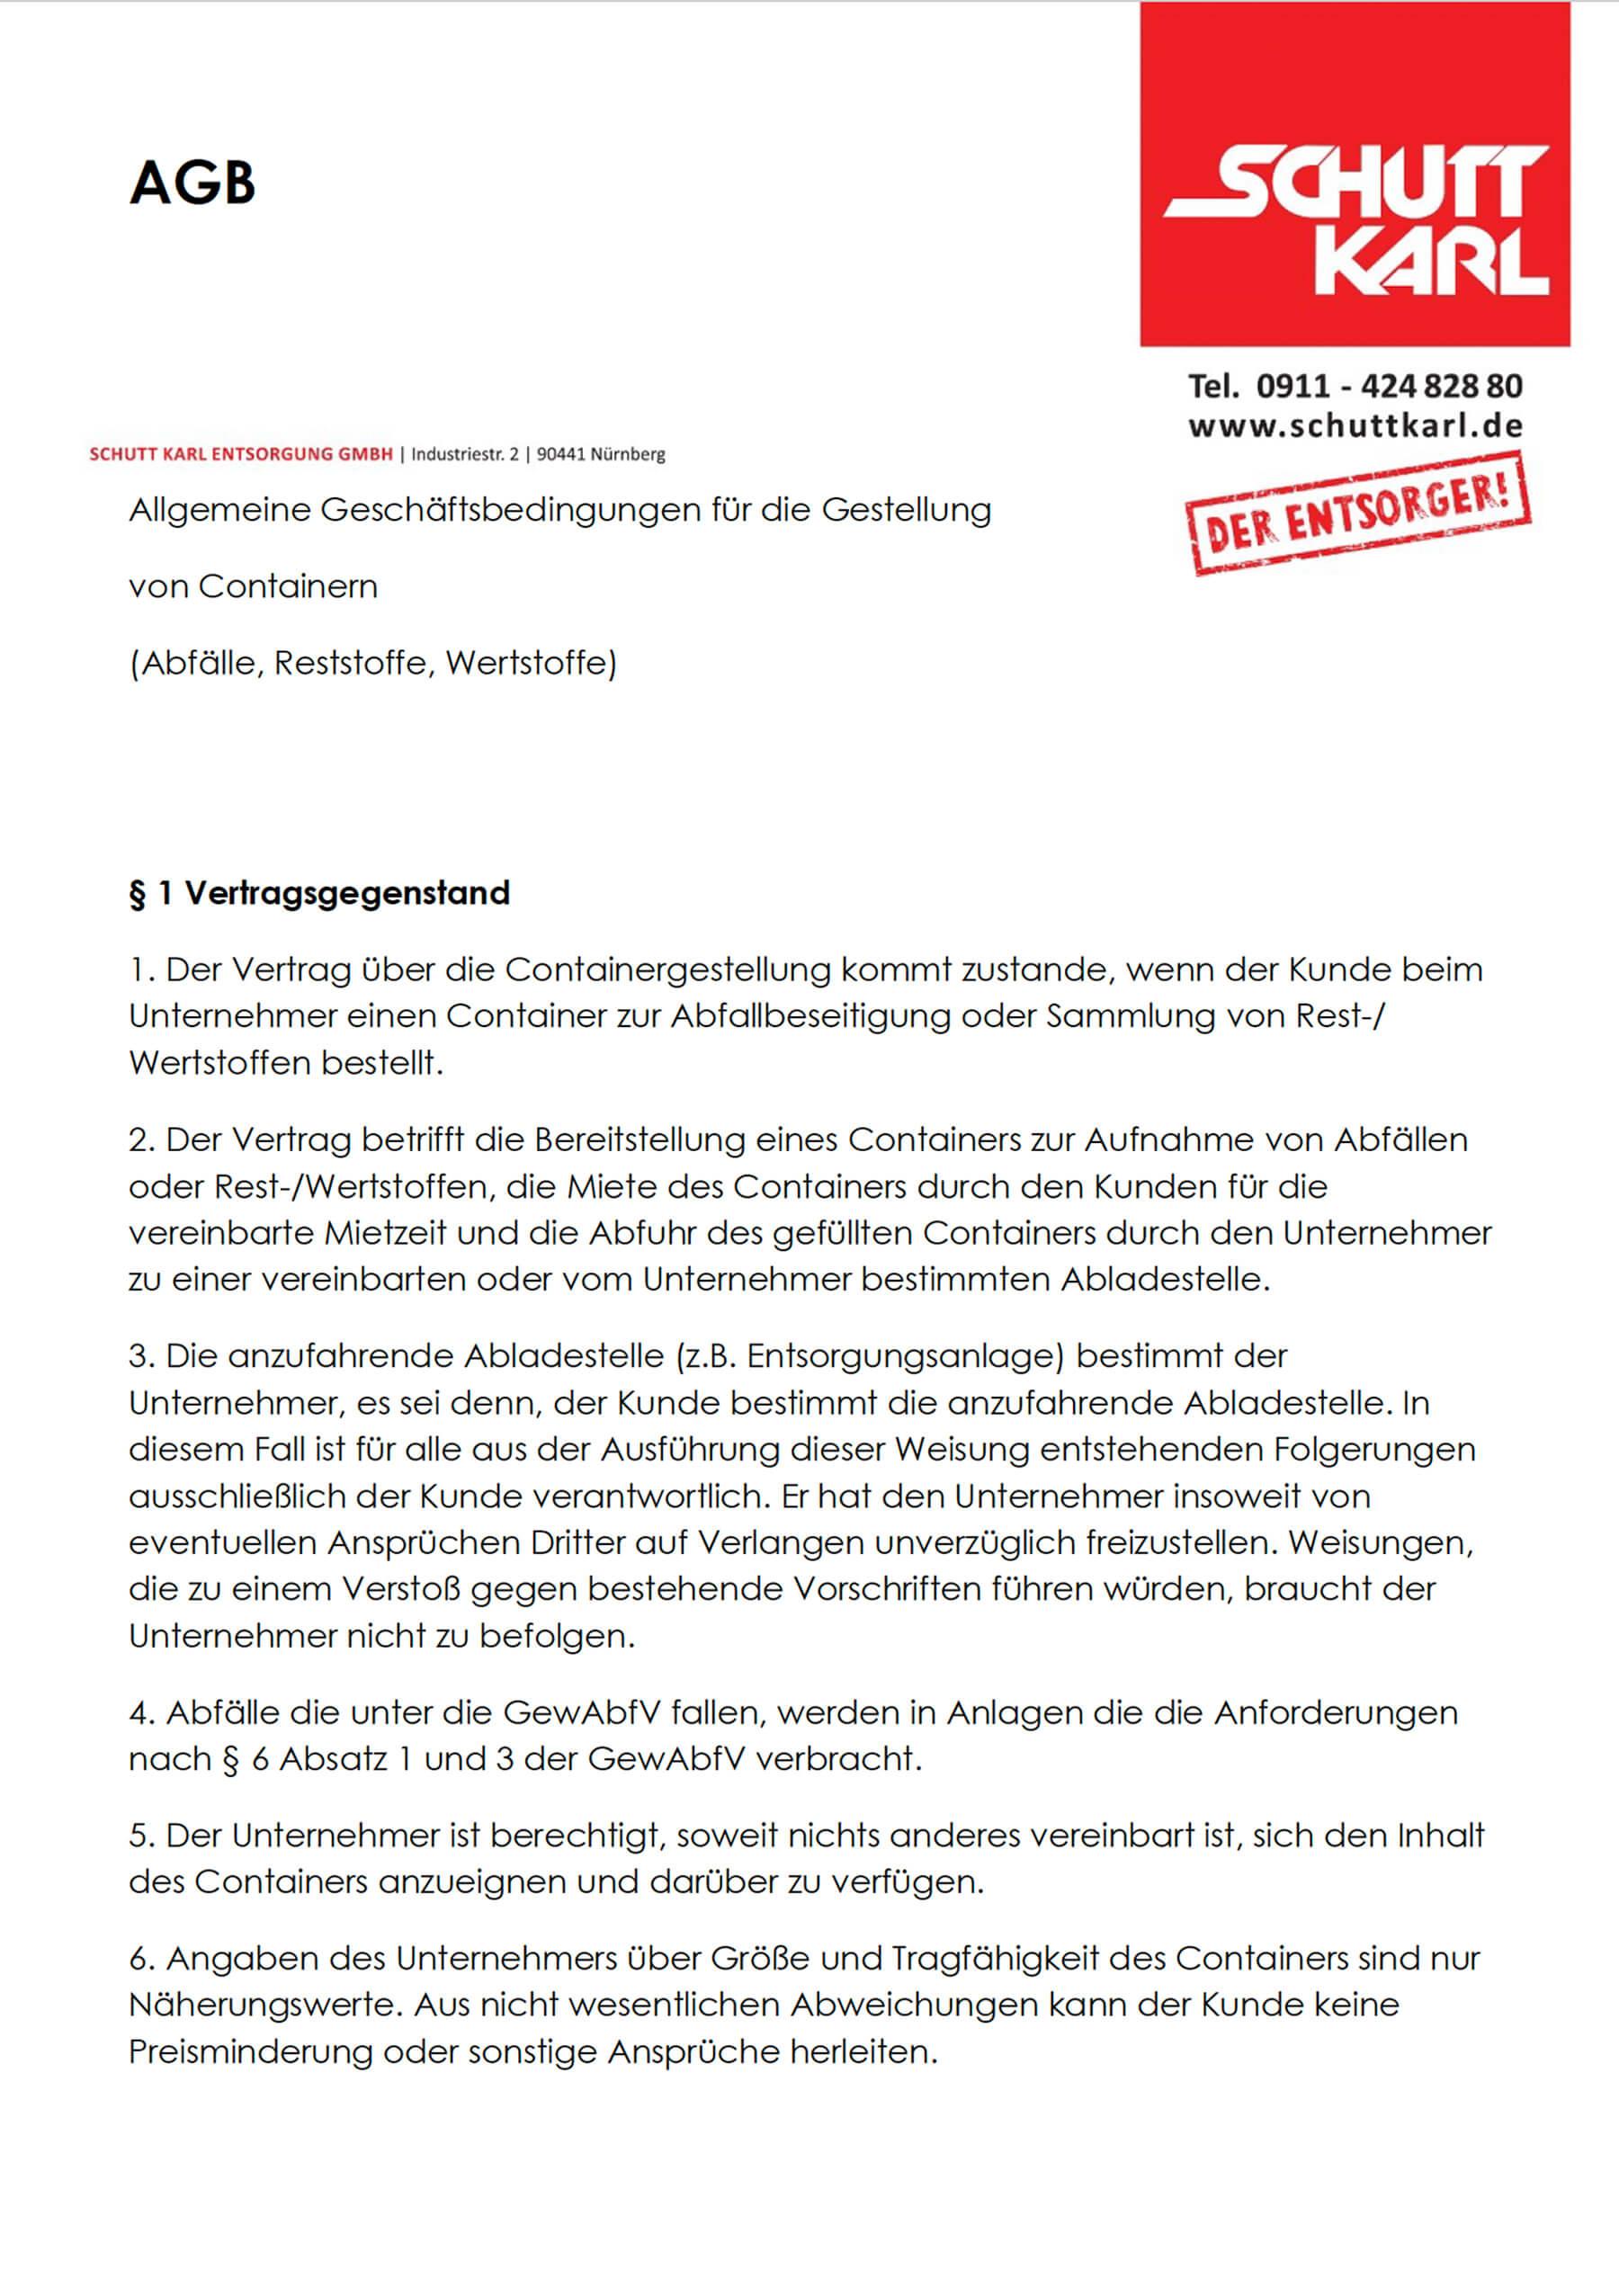 Schutt Karl | AGB